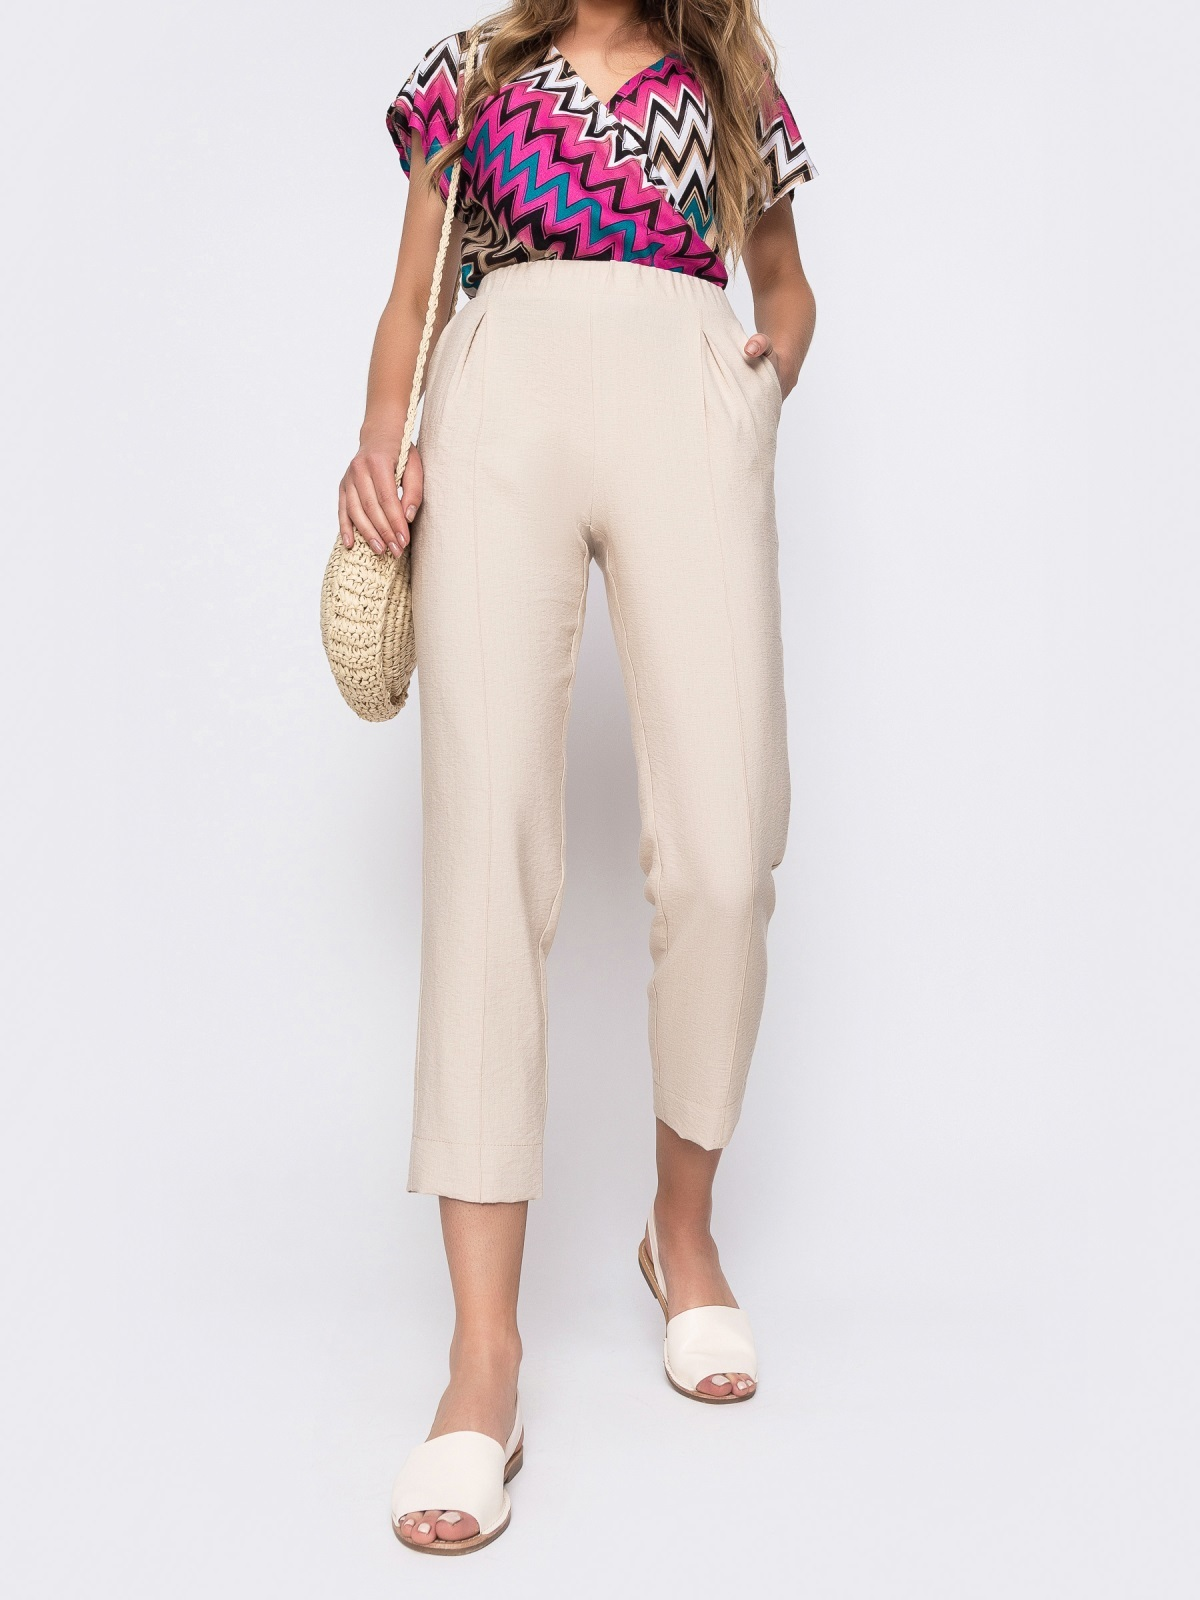 Бежевые брюки из льна с резинкой по талии 48438, фото 1